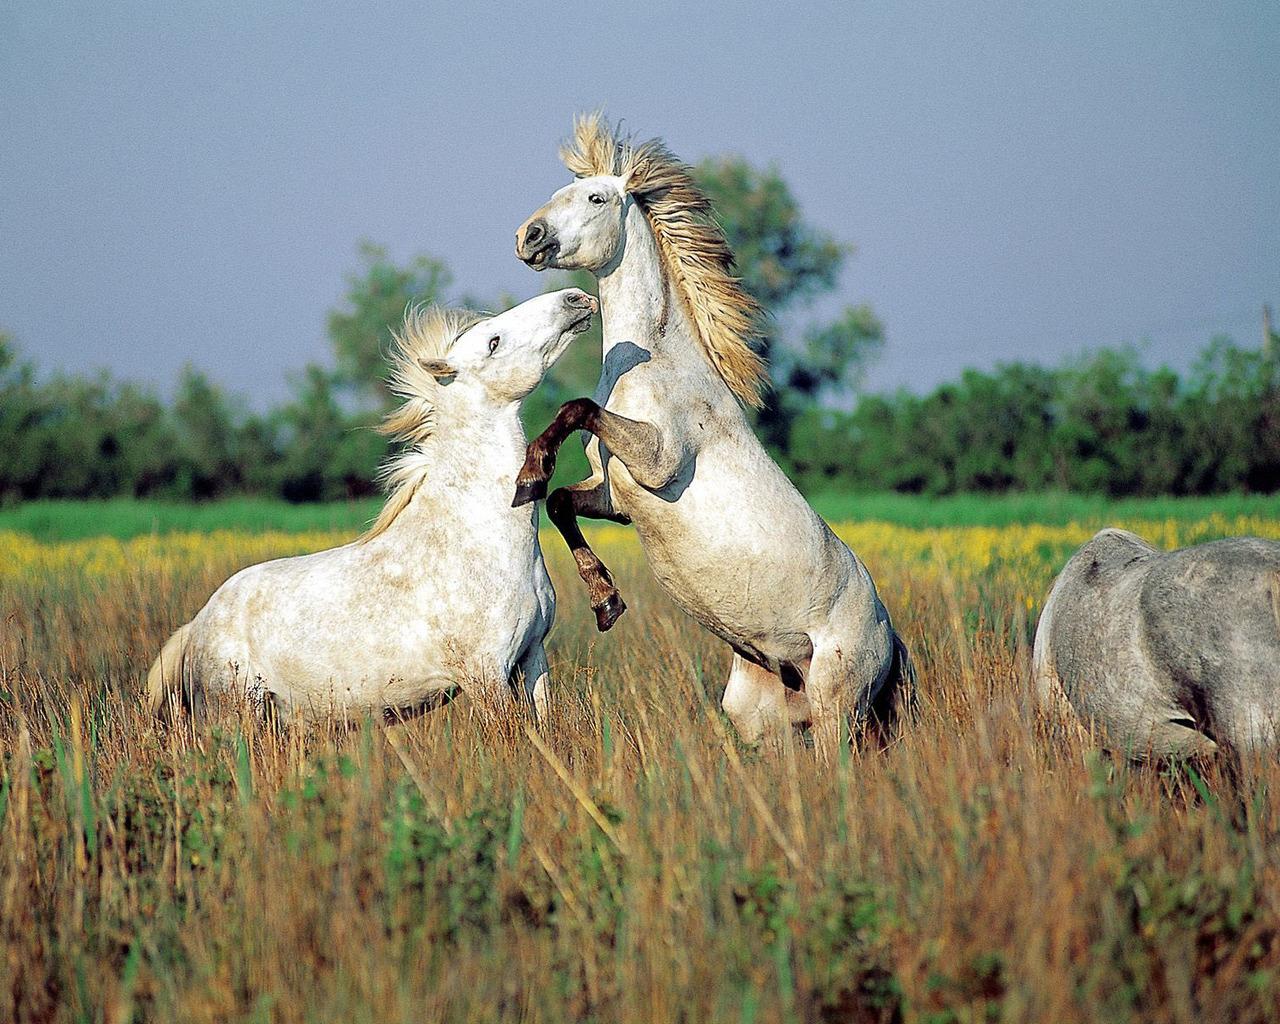 Bilder Wilde Pferde Und Sch Tapete Ndern Desktop Pictures